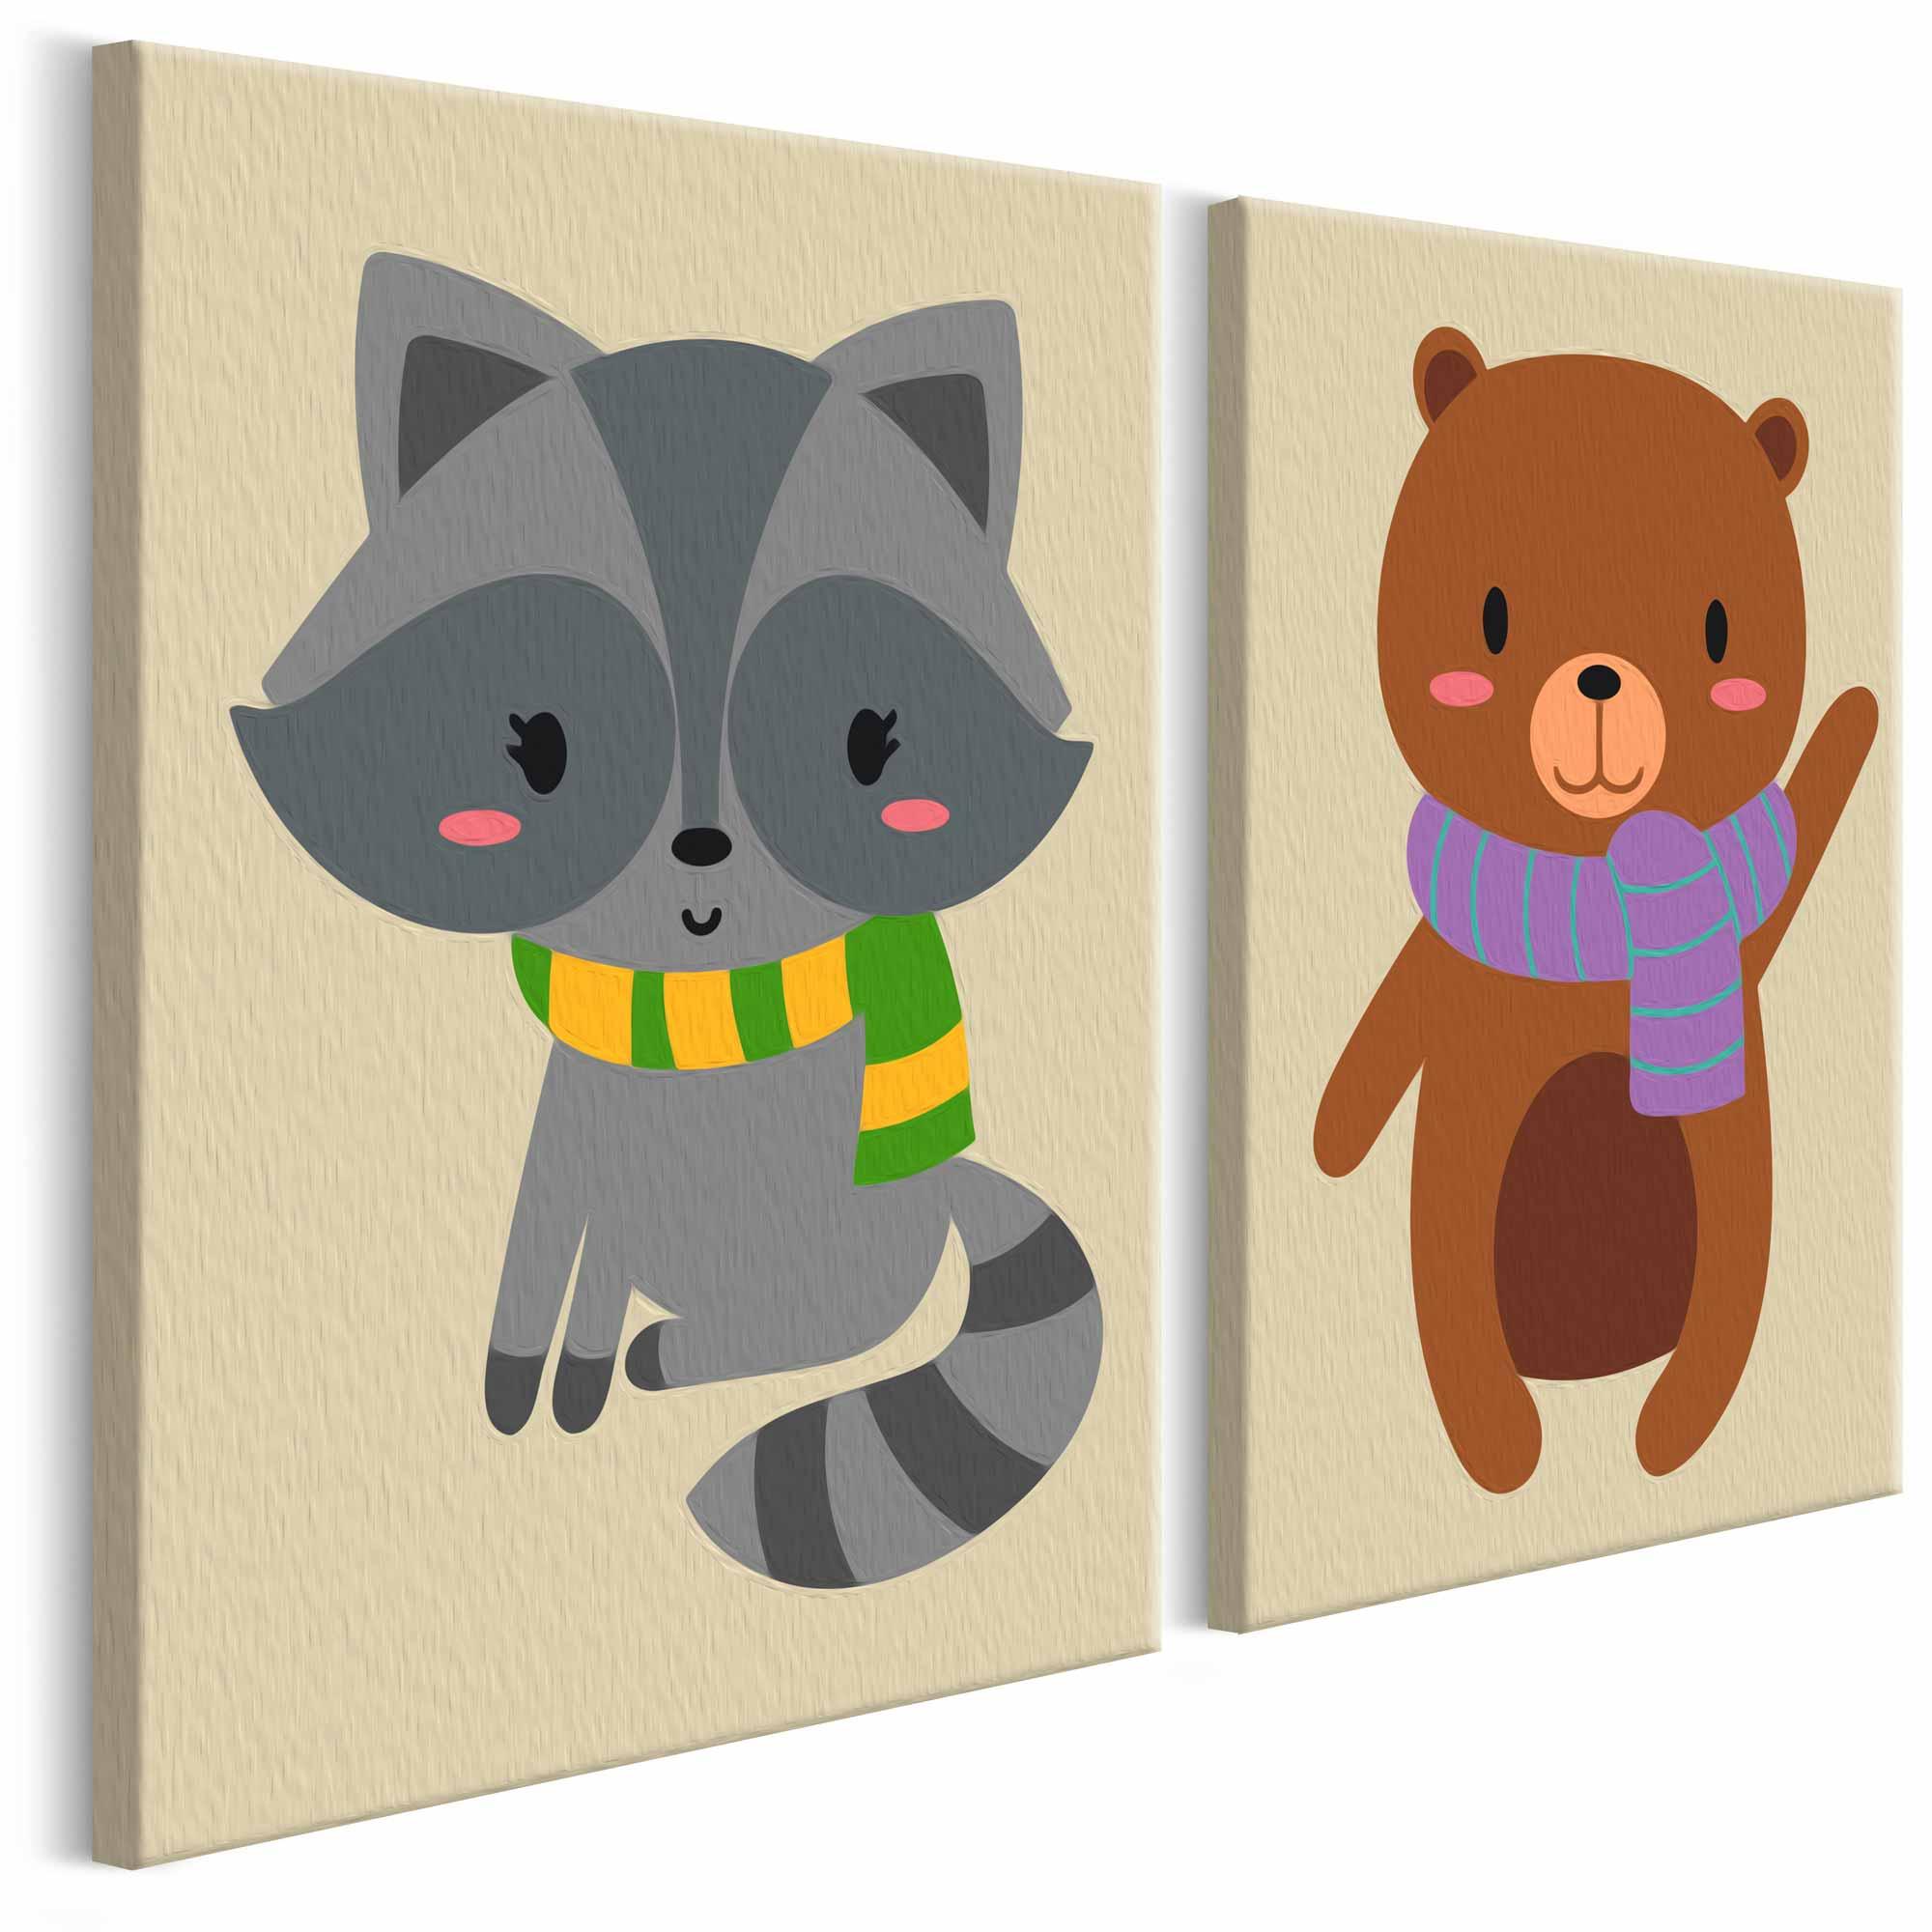 Artgeist diy raccoon & bear maleri - hvidt lærred, inkl. maling og pensel (h: 23cm) fra artgeist på boboonline.dk